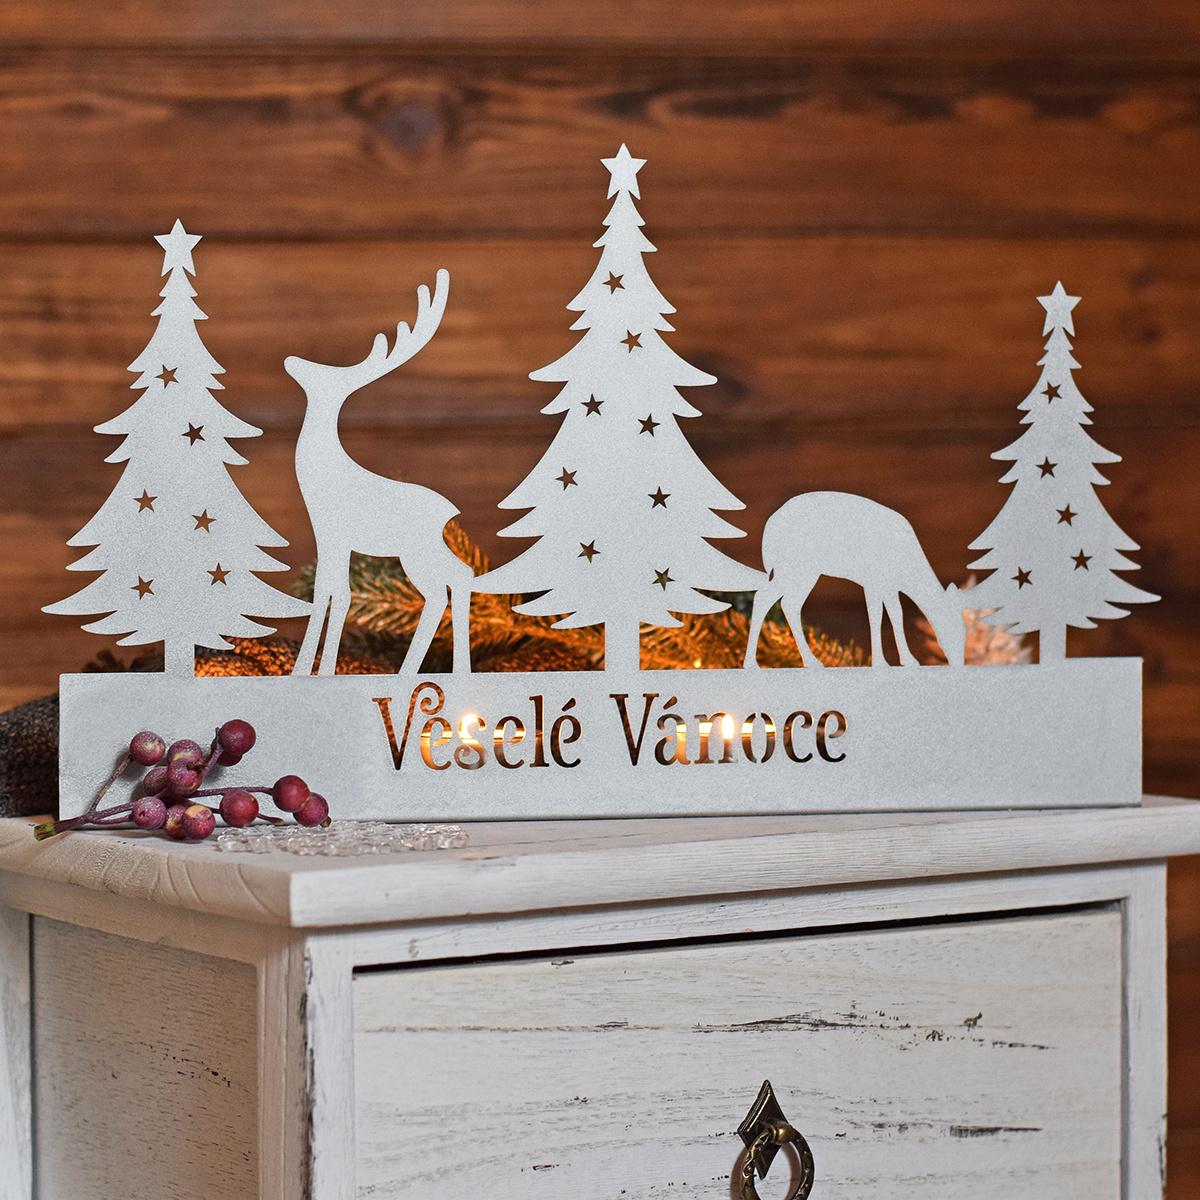 HOUSEDECOR Stříbrný adventní svícen - Veselé Vánoce